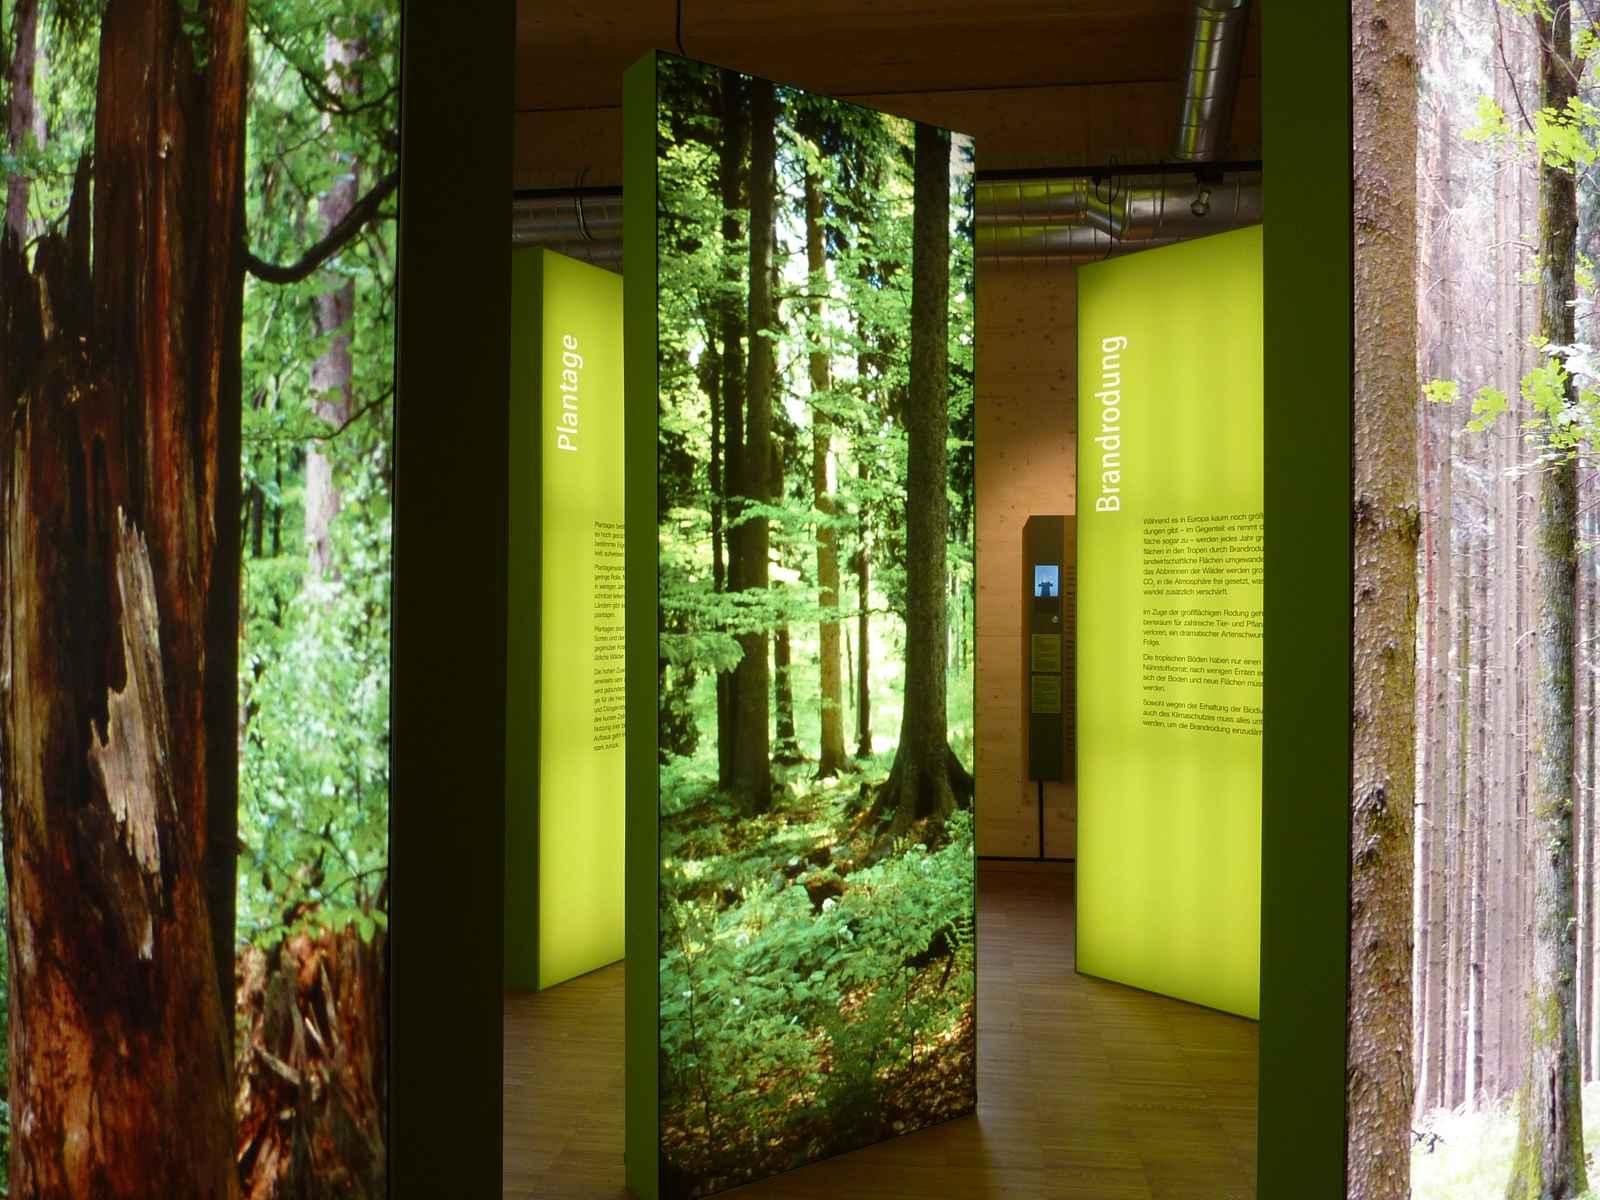 Urwald - Kulturwald hinterleuchtete Informationsstelen